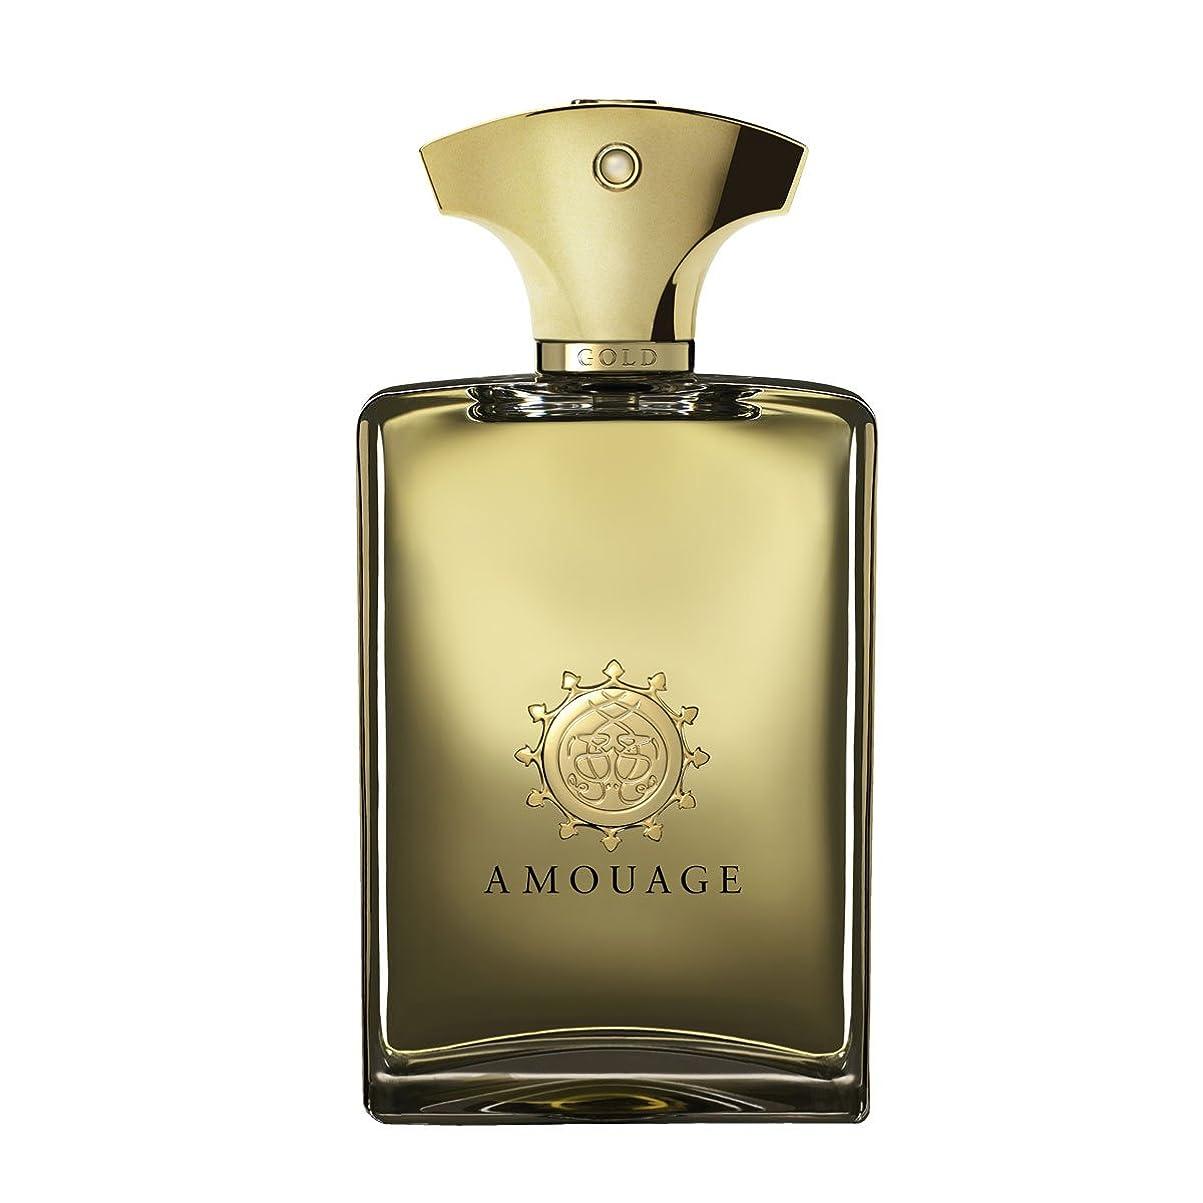 今撃退するカラスAmouage GOLD MAN Eau de Parfum 50ml [並行輸入品][海外直送品]